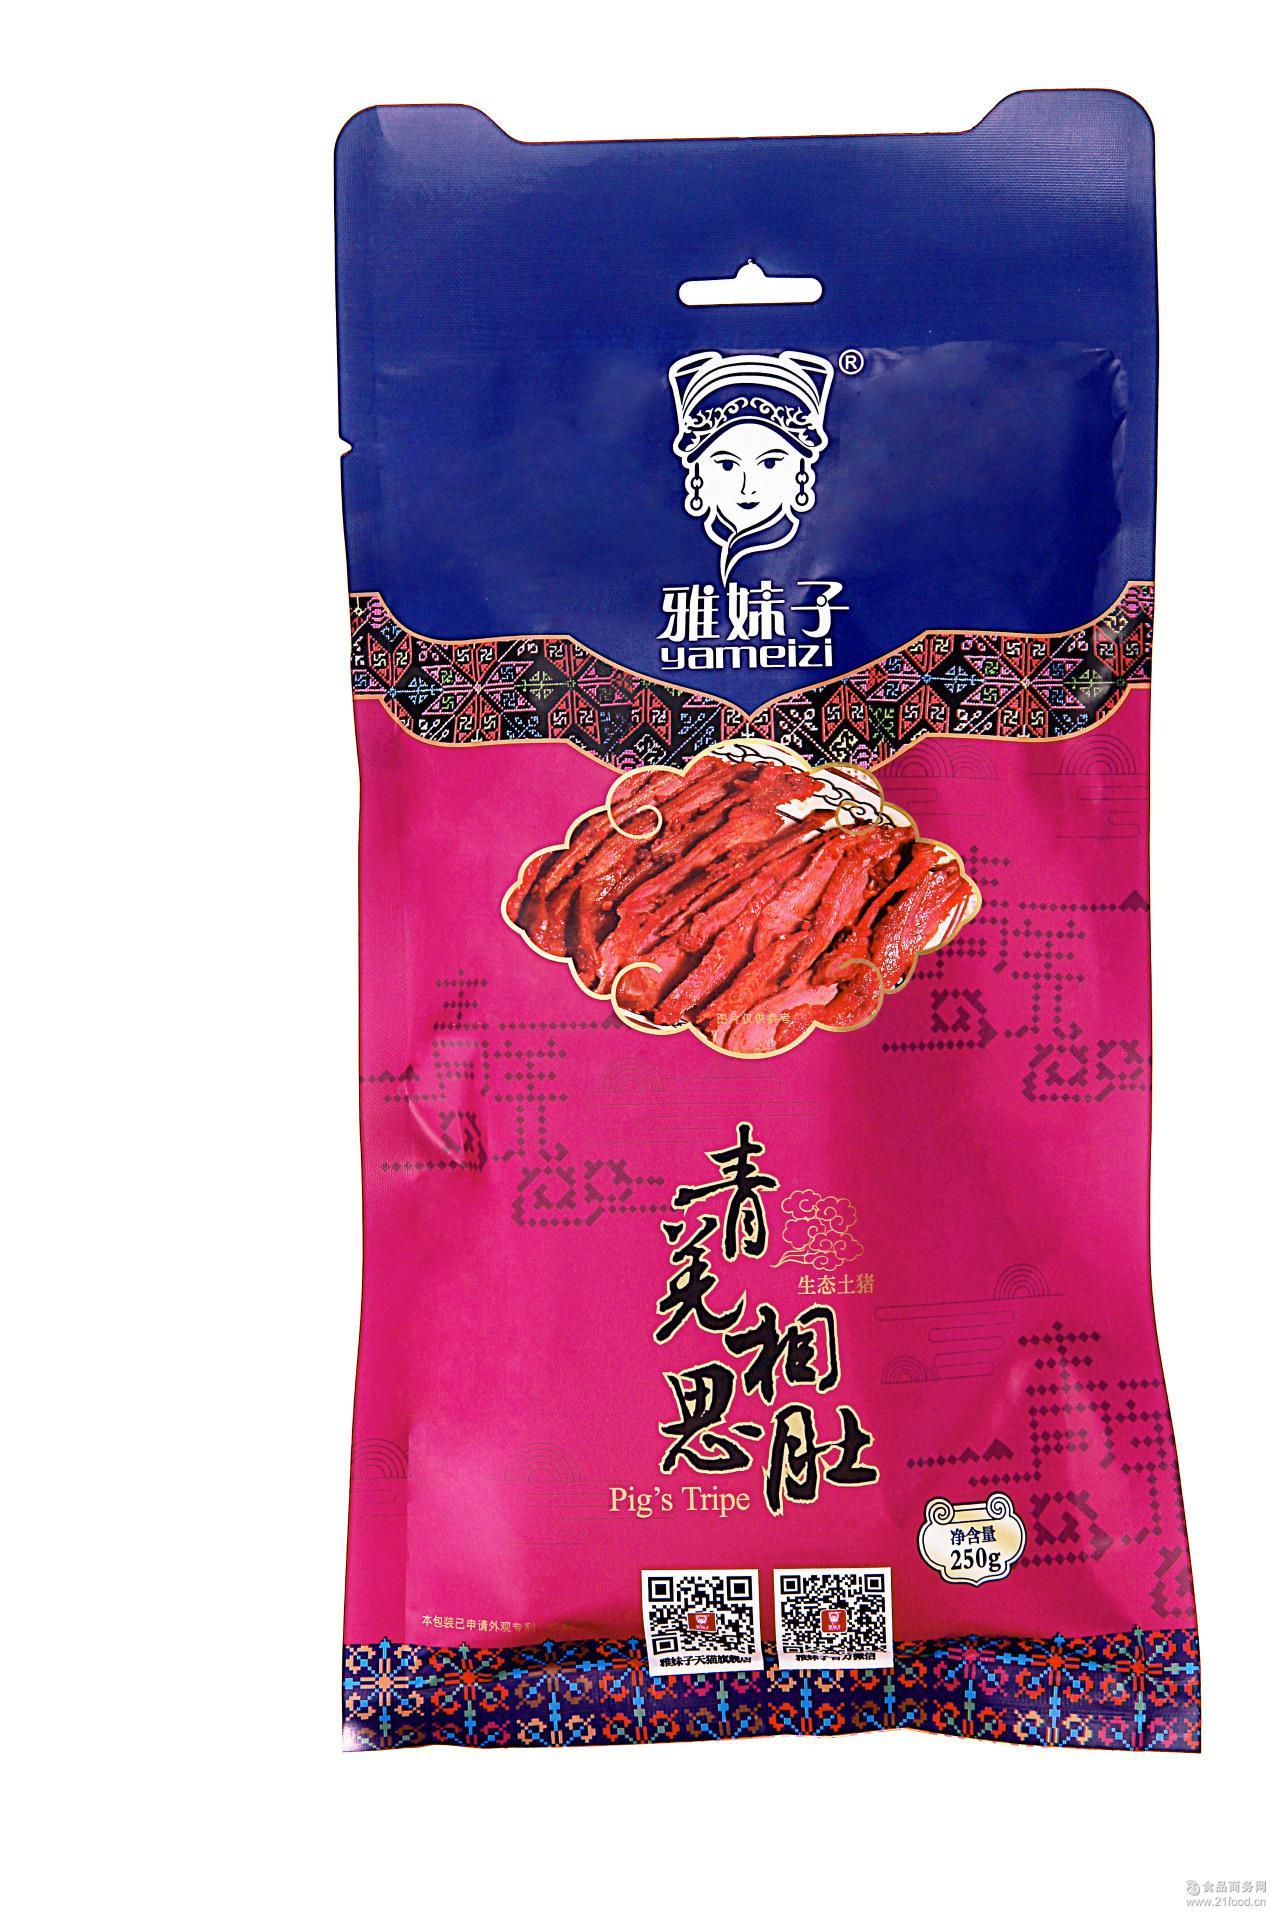 厂家直销 四川特产雅妹子特色风味青羌相思肚250g/袋休闲小吃零食